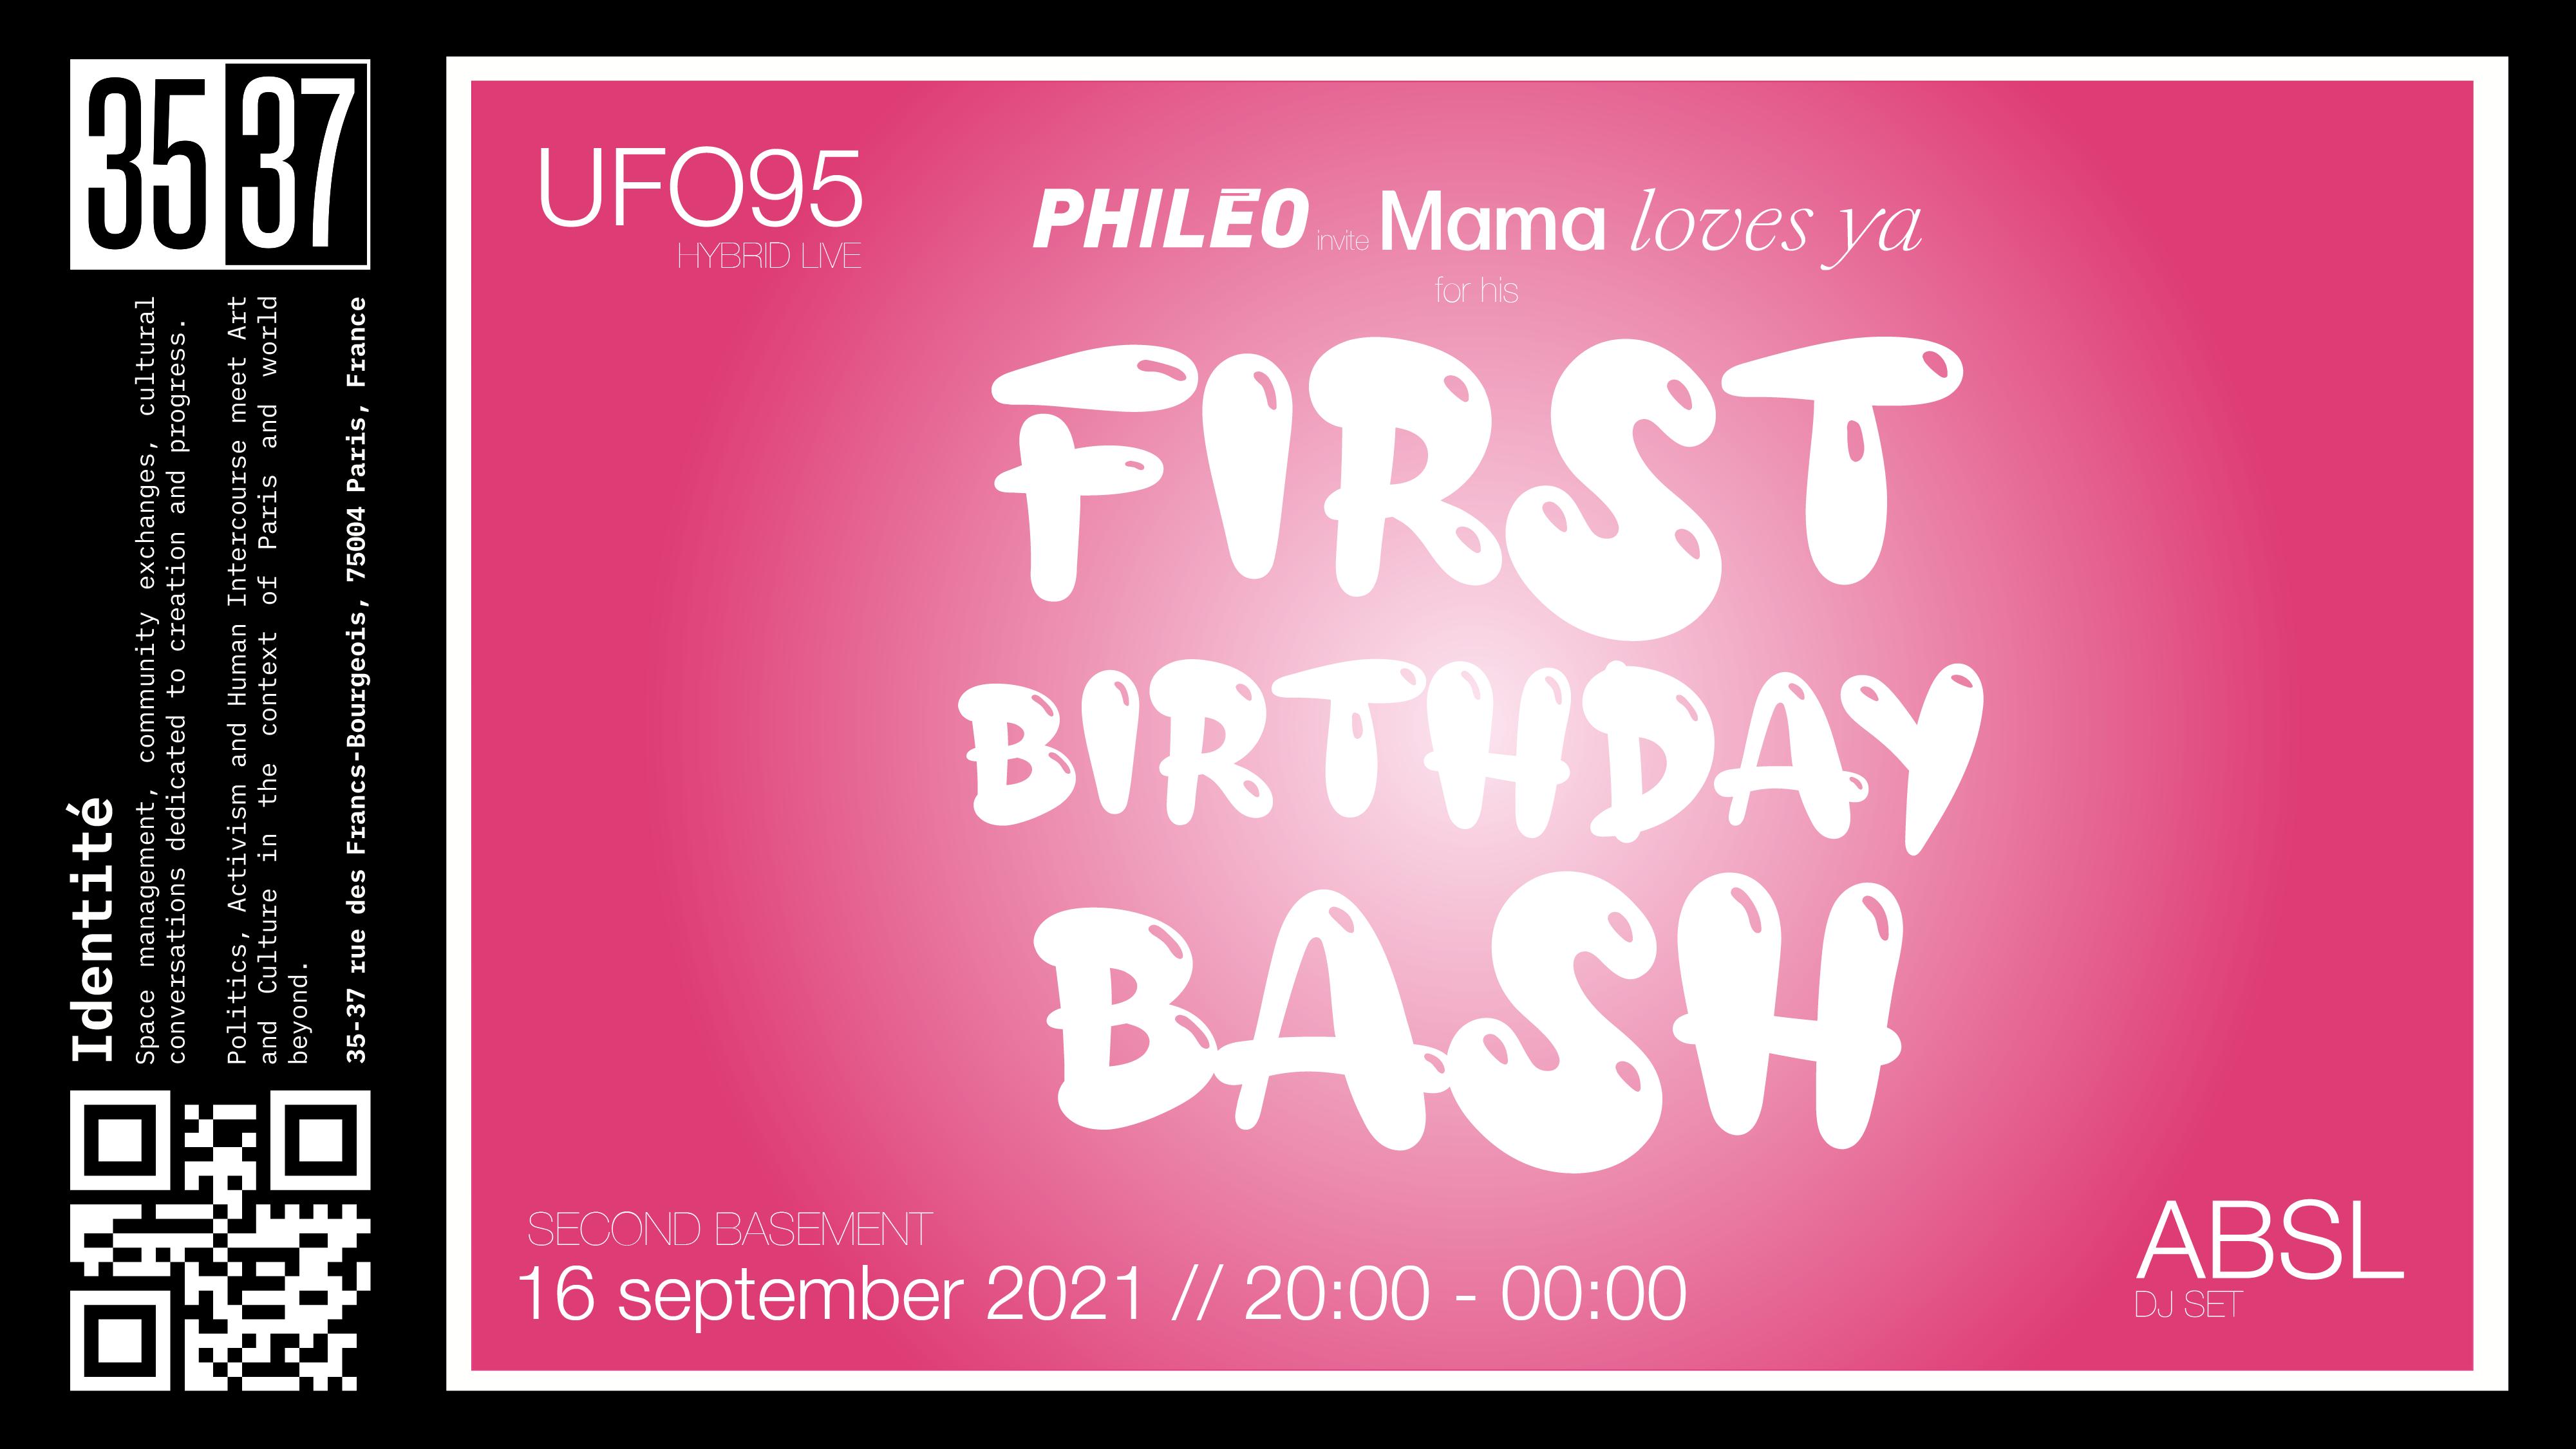 PHILÉO PARIS - First Birthday Bash